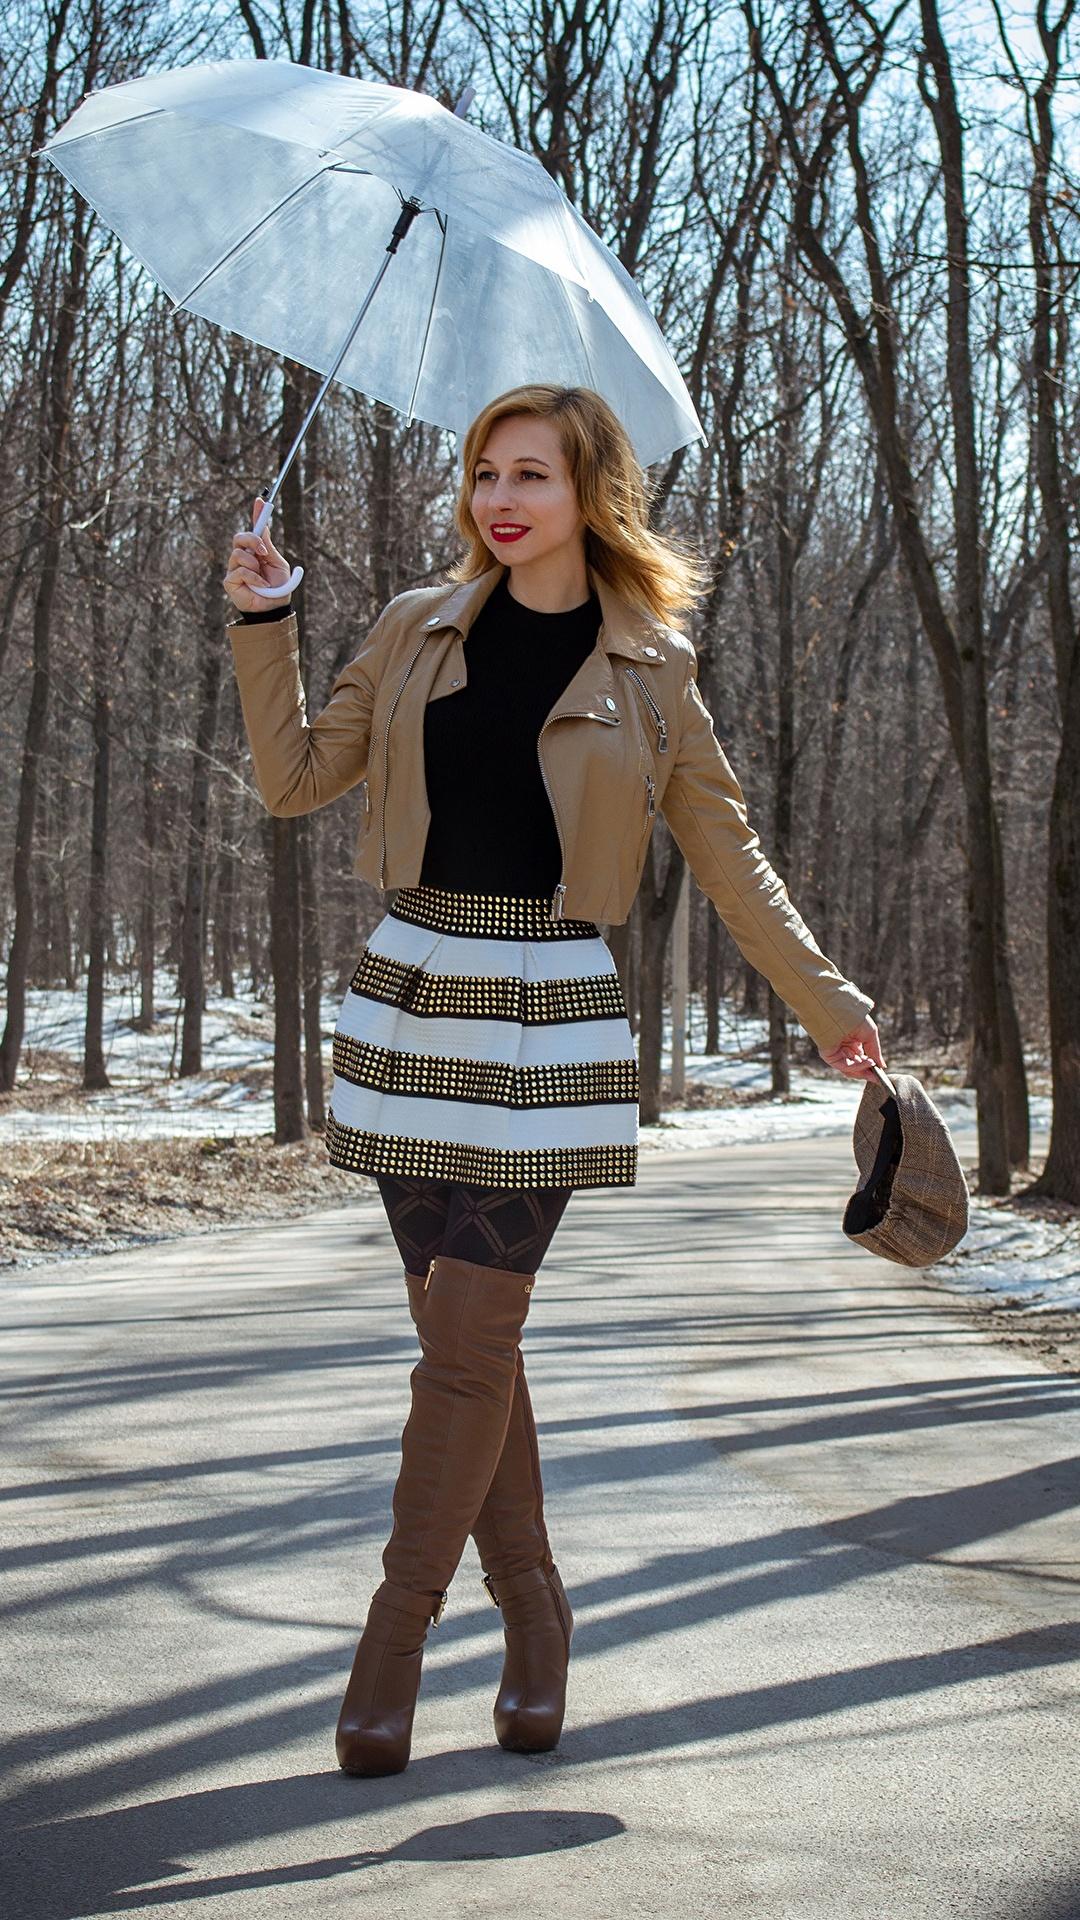 Fotos Victoria Borodinova Rock Stiefel Jacke Frühling Mädchens Wege Bein Hand Regenschirm 1080x1920 für Handy junge frau junge Frauen Straße